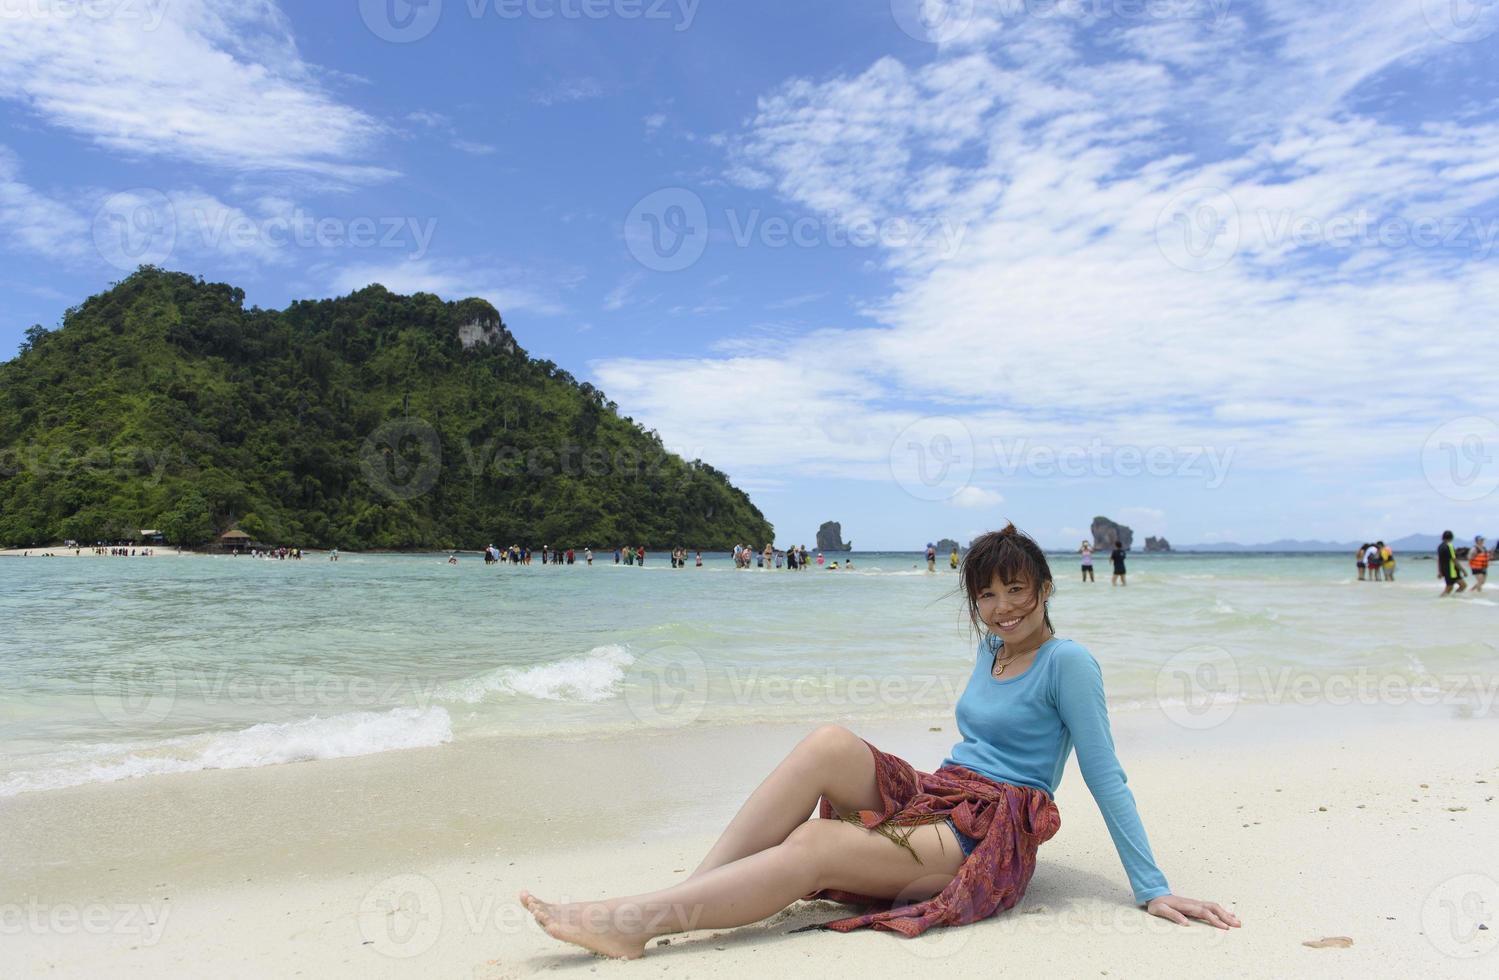 kvinnor tycker om att spela sand på stranden foto